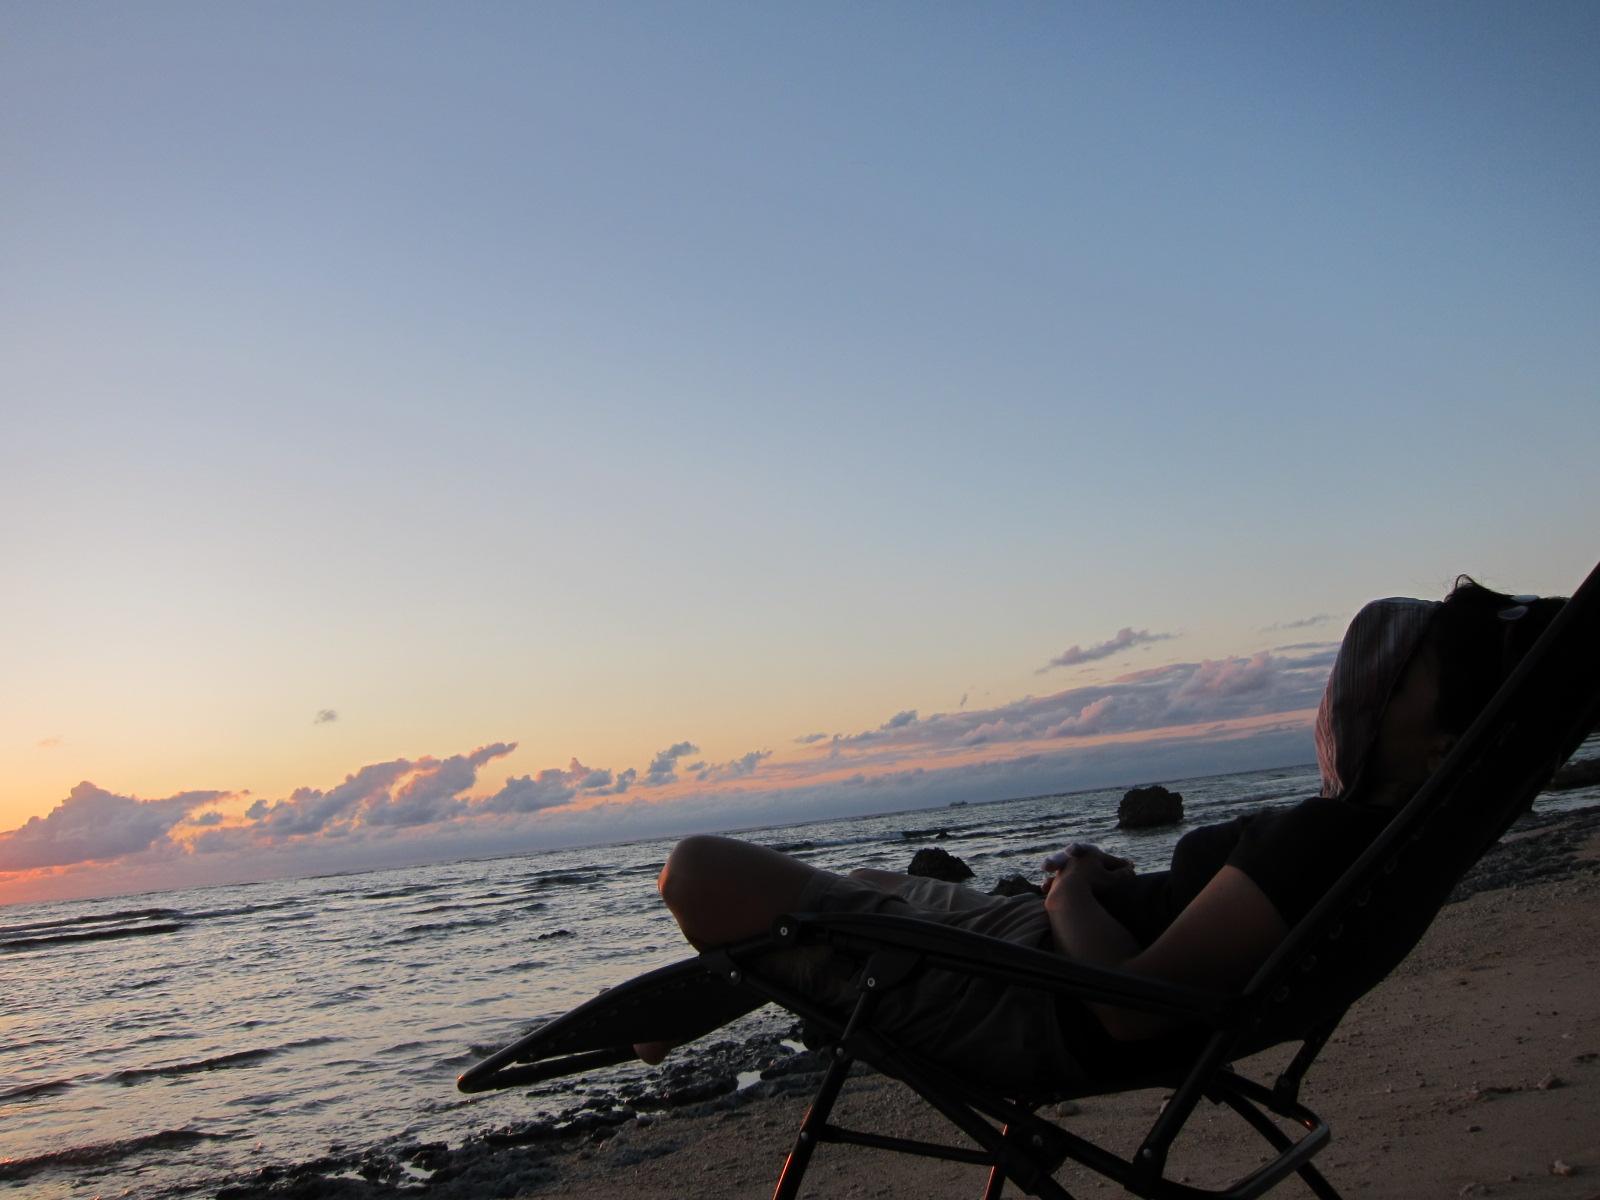 nap on the beach._c0153966_20132099.jpg